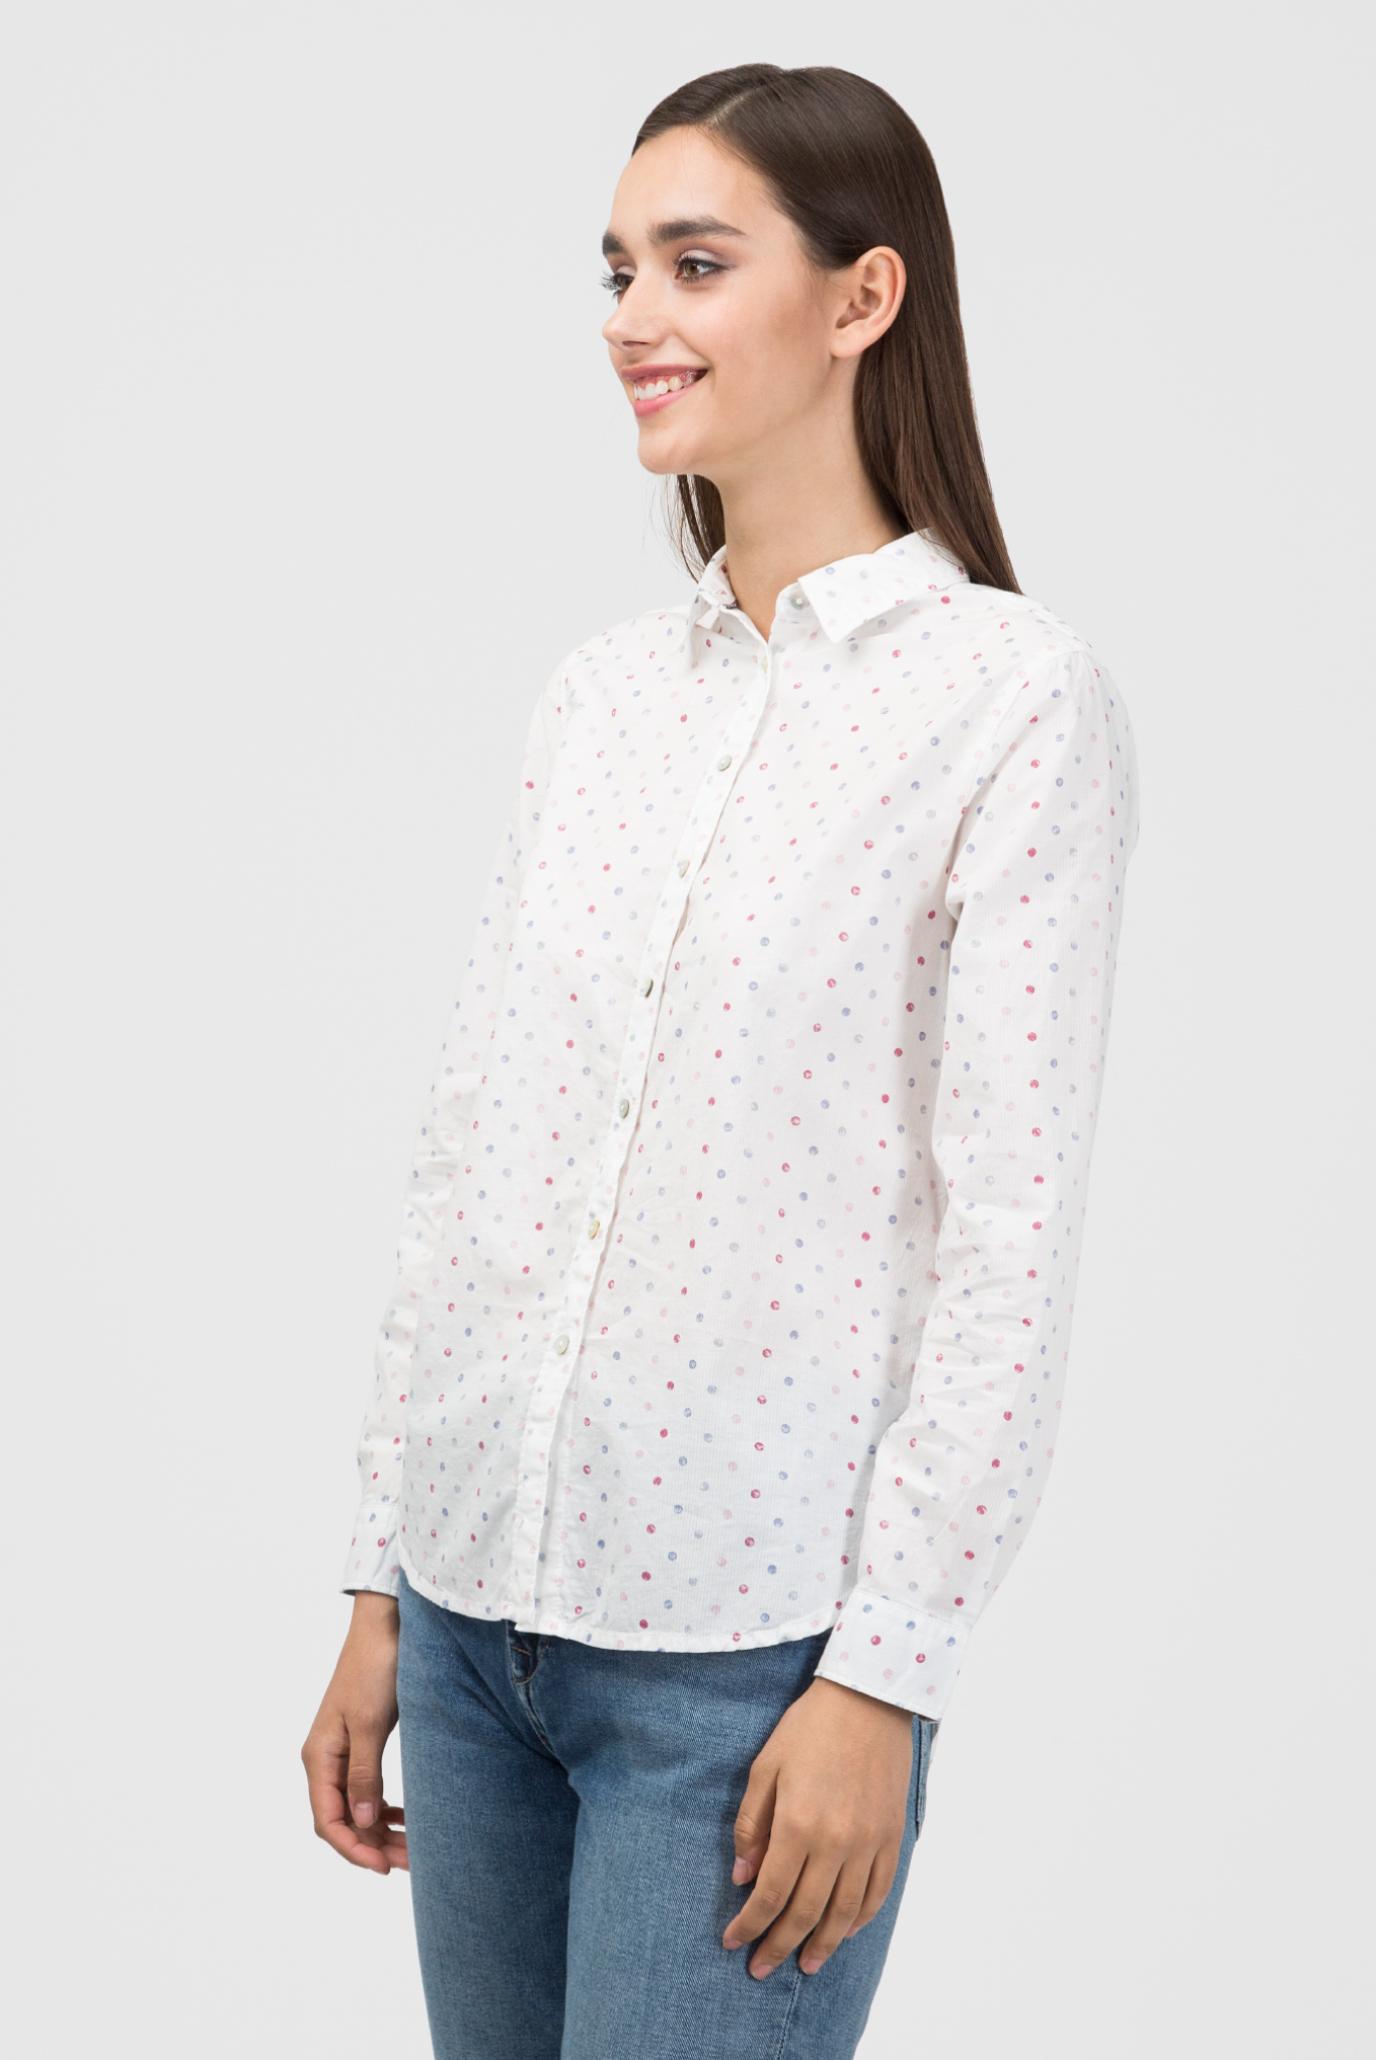 Купить Женская белая рубашка в горошек MILLIE Pepe Jeans Pepe Jeans PL303351 – Киев, Украина. Цены в интернет магазине MD Fashion